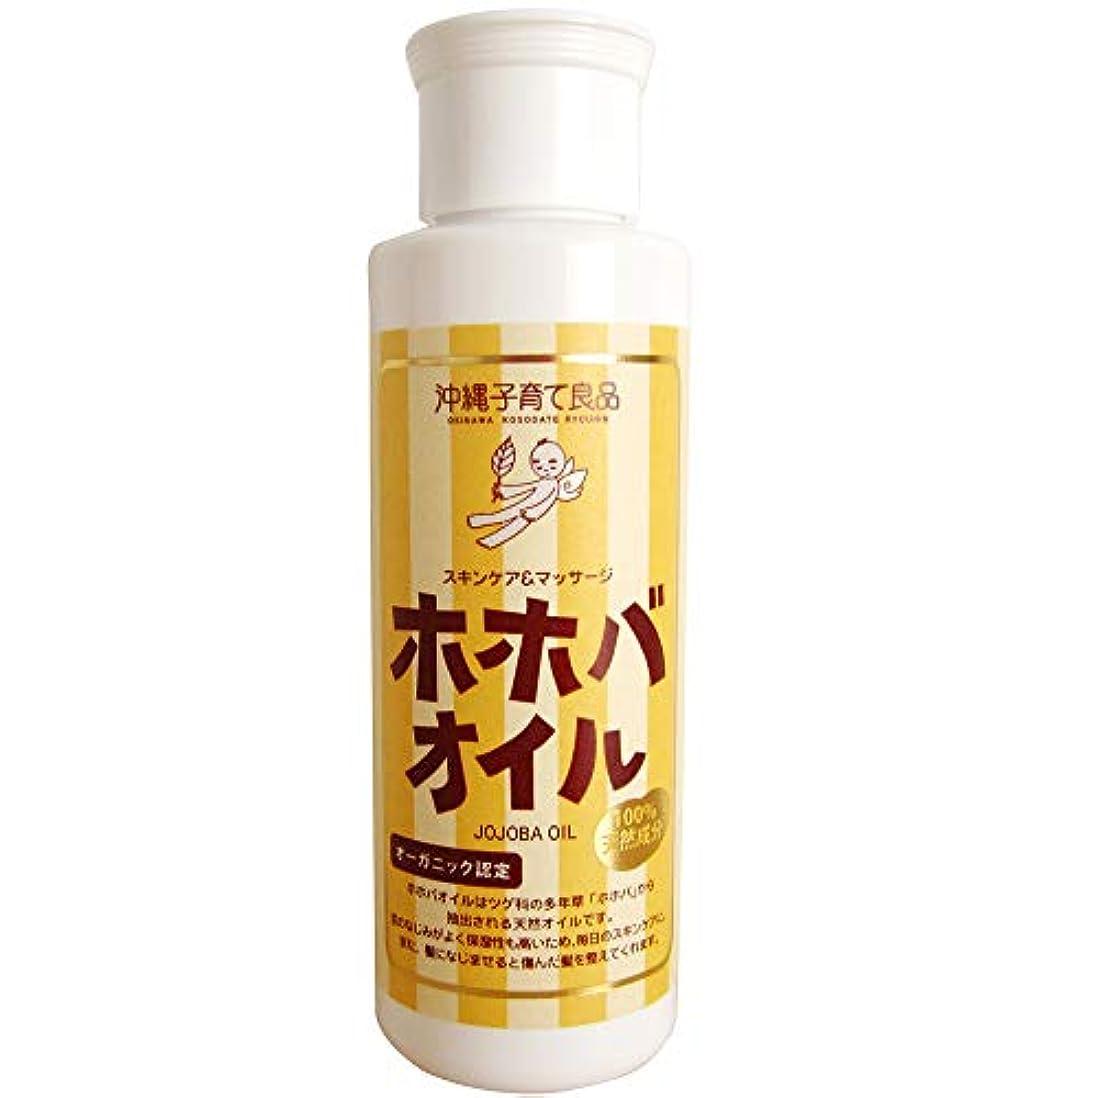 前任者明確に所属ホホバオイル/jojoba oil (100ml)